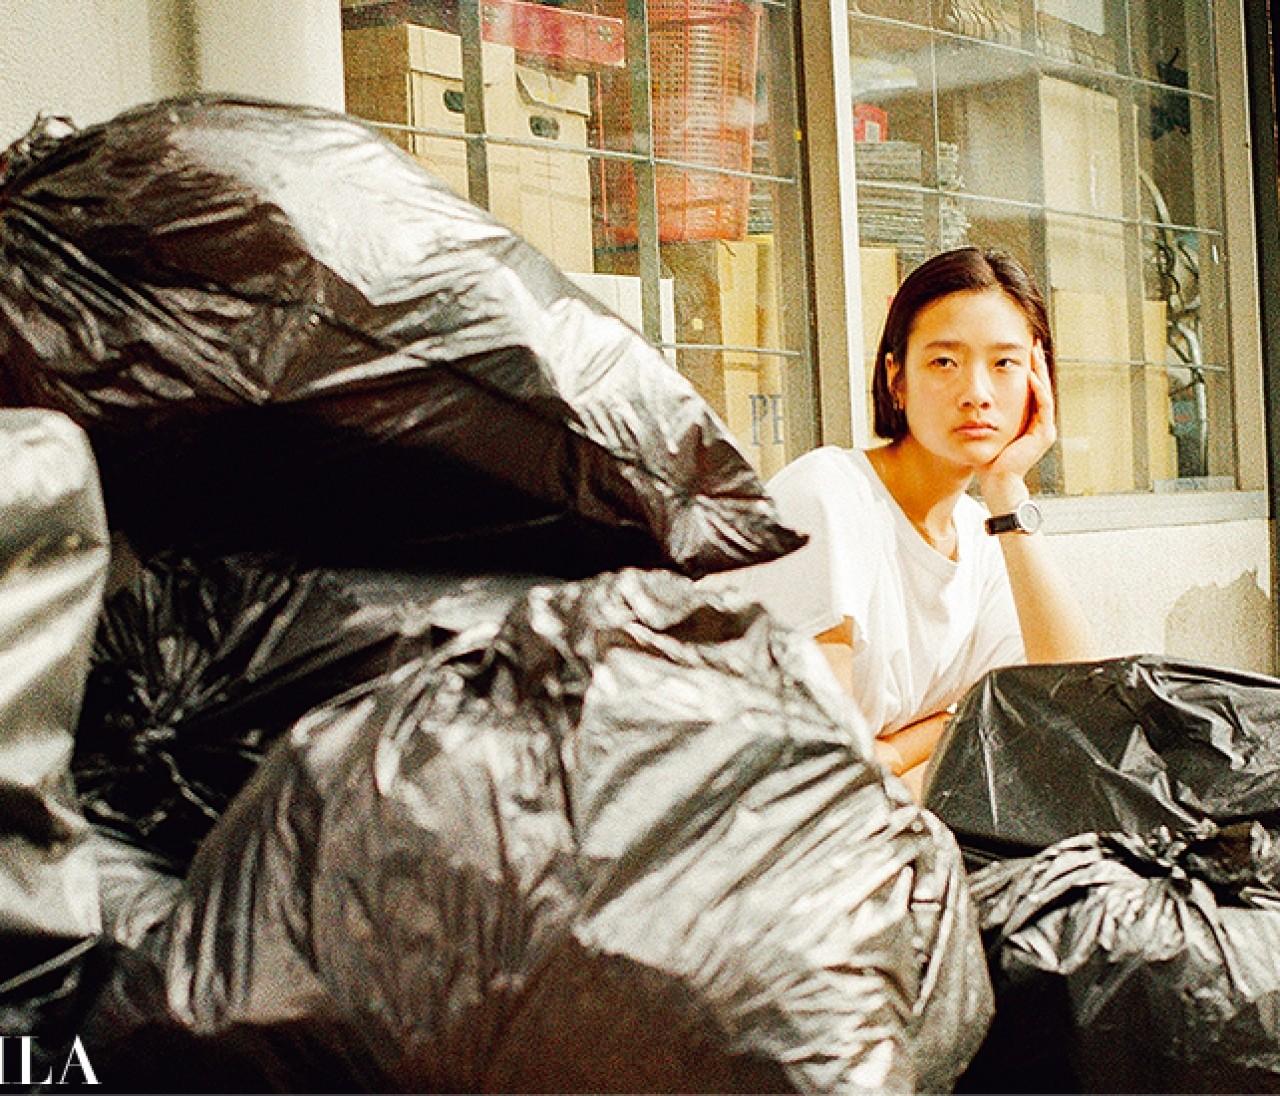 タイの断捨離映画『ハッピー・オールド・イヤー』をレビュー!【30代のシネマナビ】